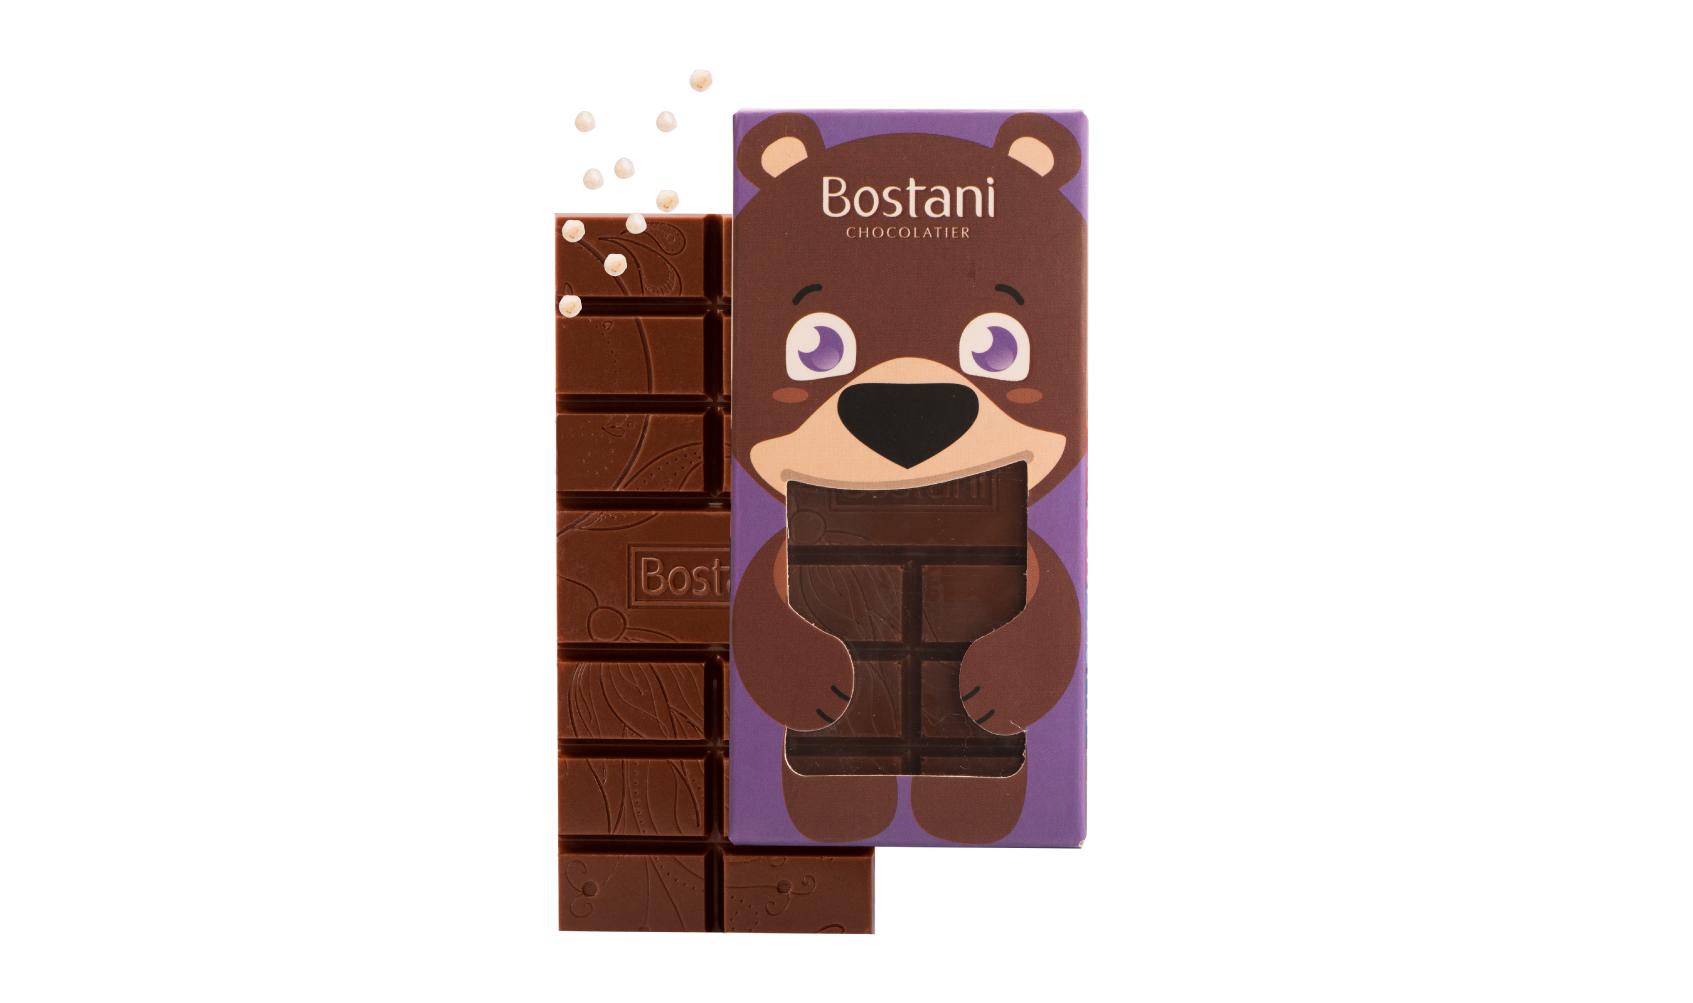 لوح شوكولاتة بالحليب للأطفال مع الكرسبي